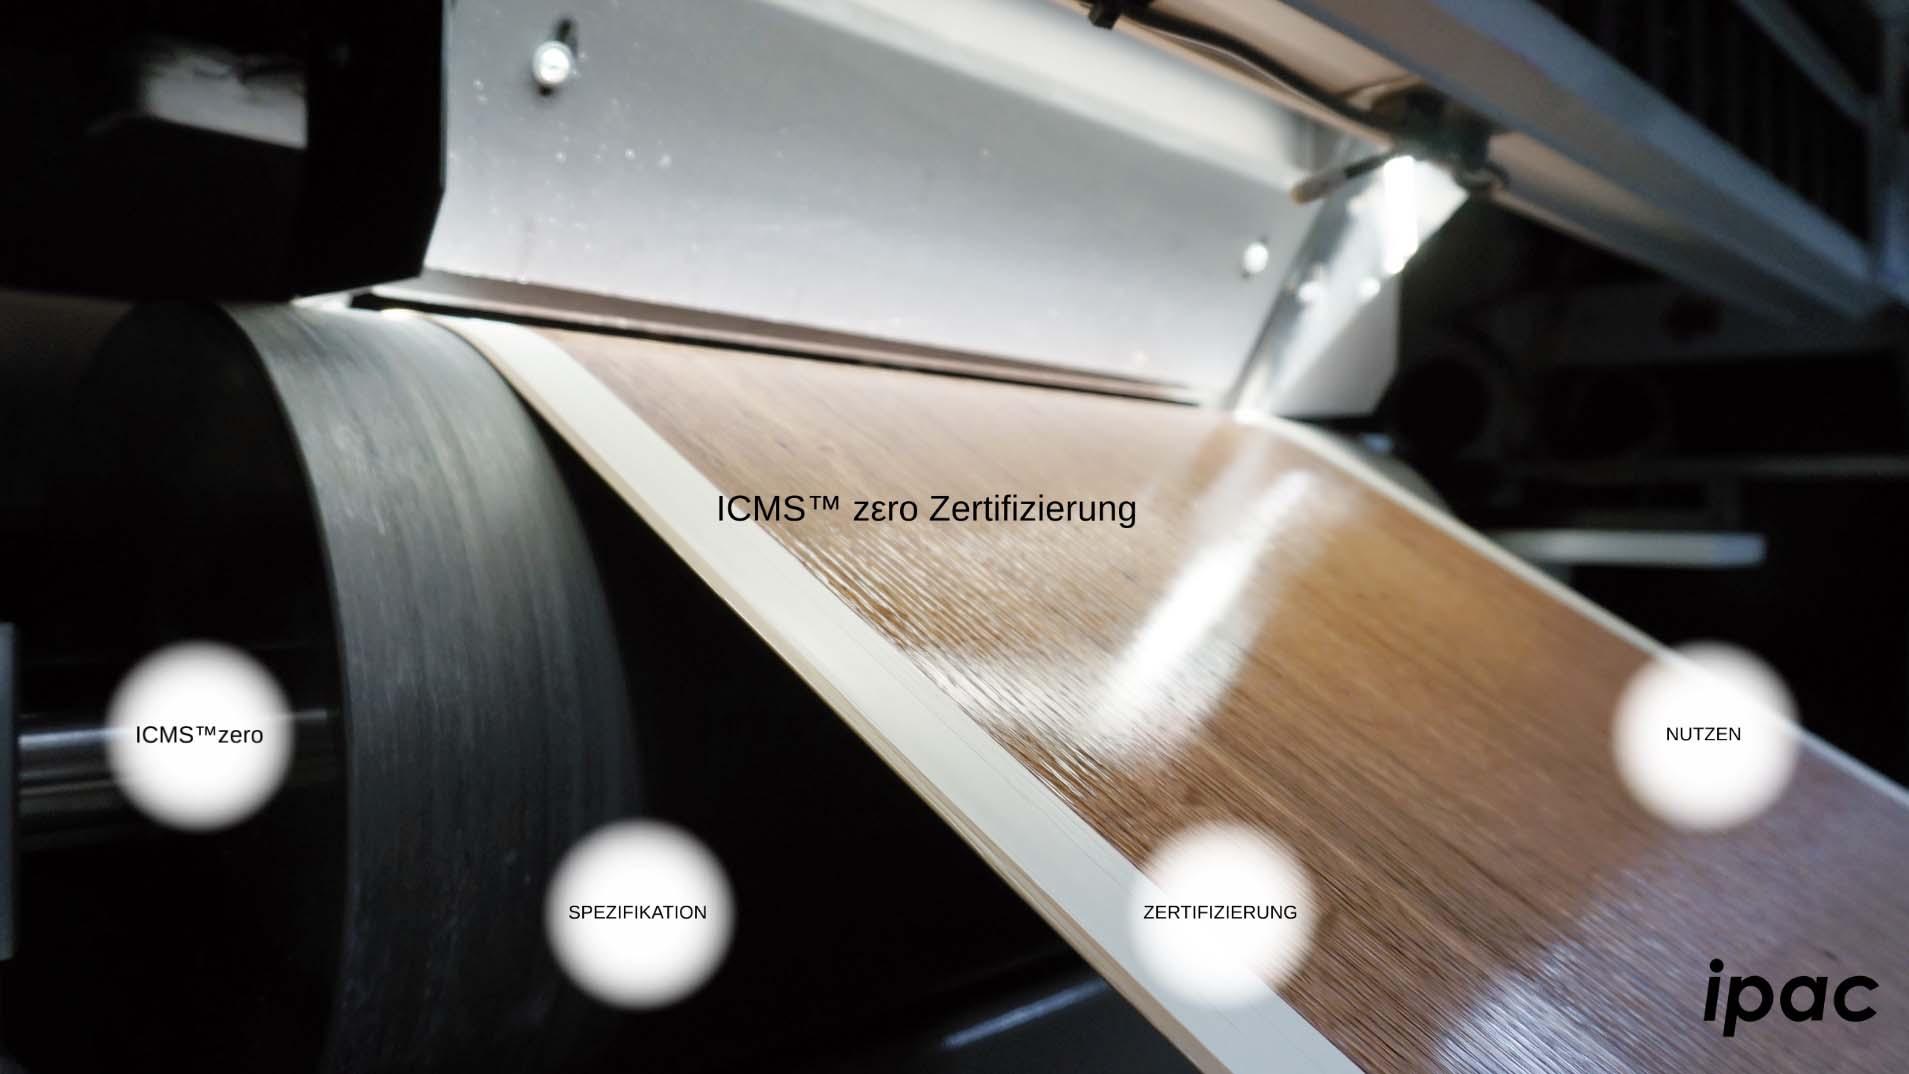 ICMS™zεro-Zertifizierung